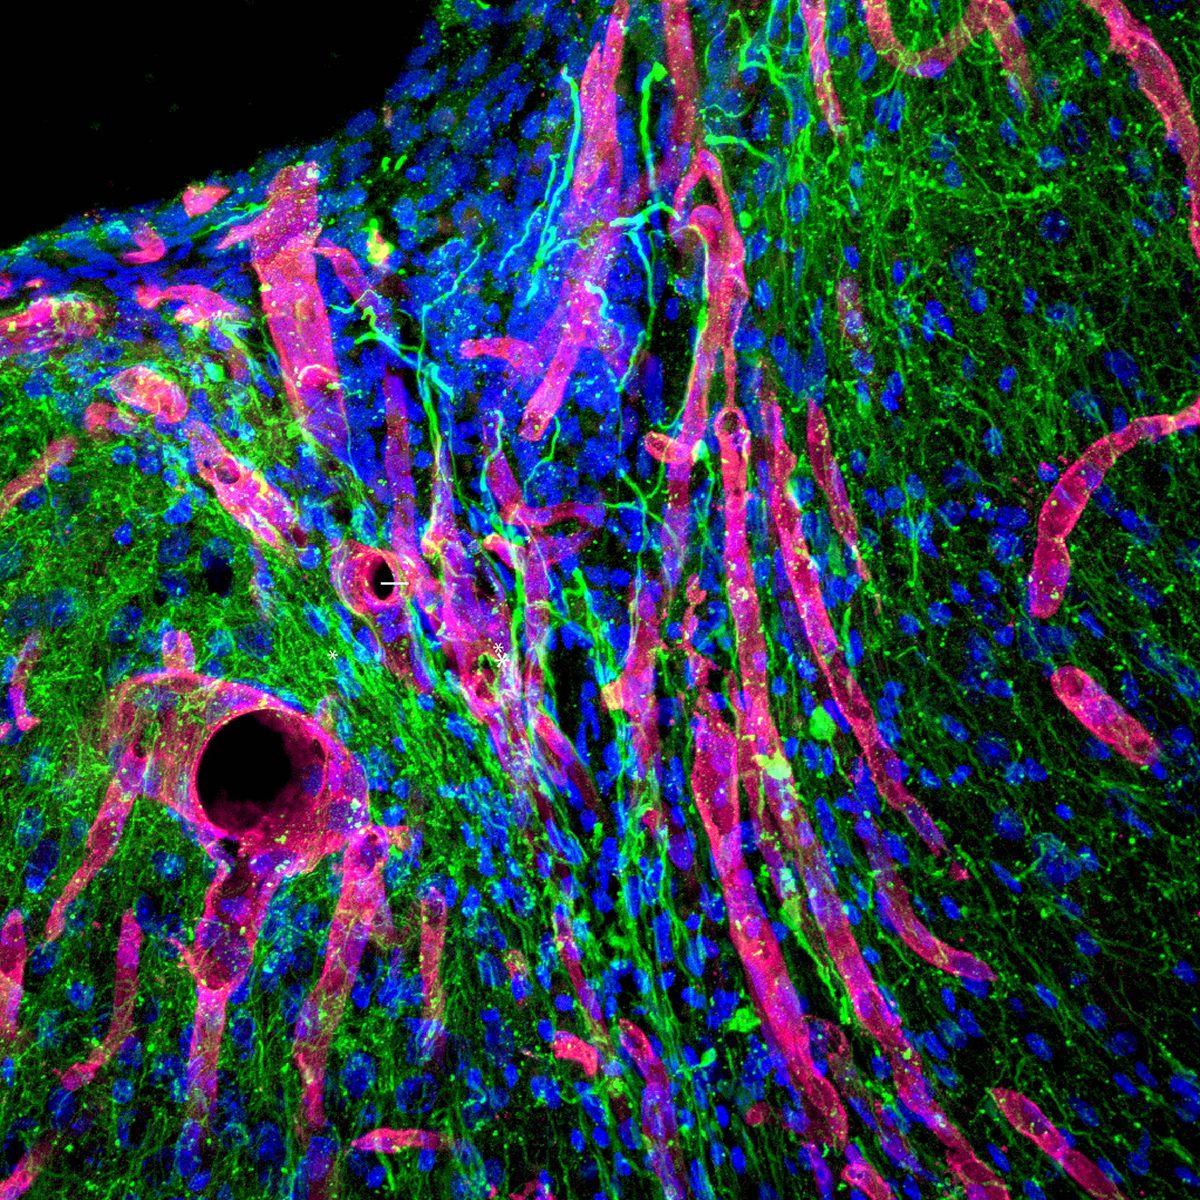 New tissue in brain